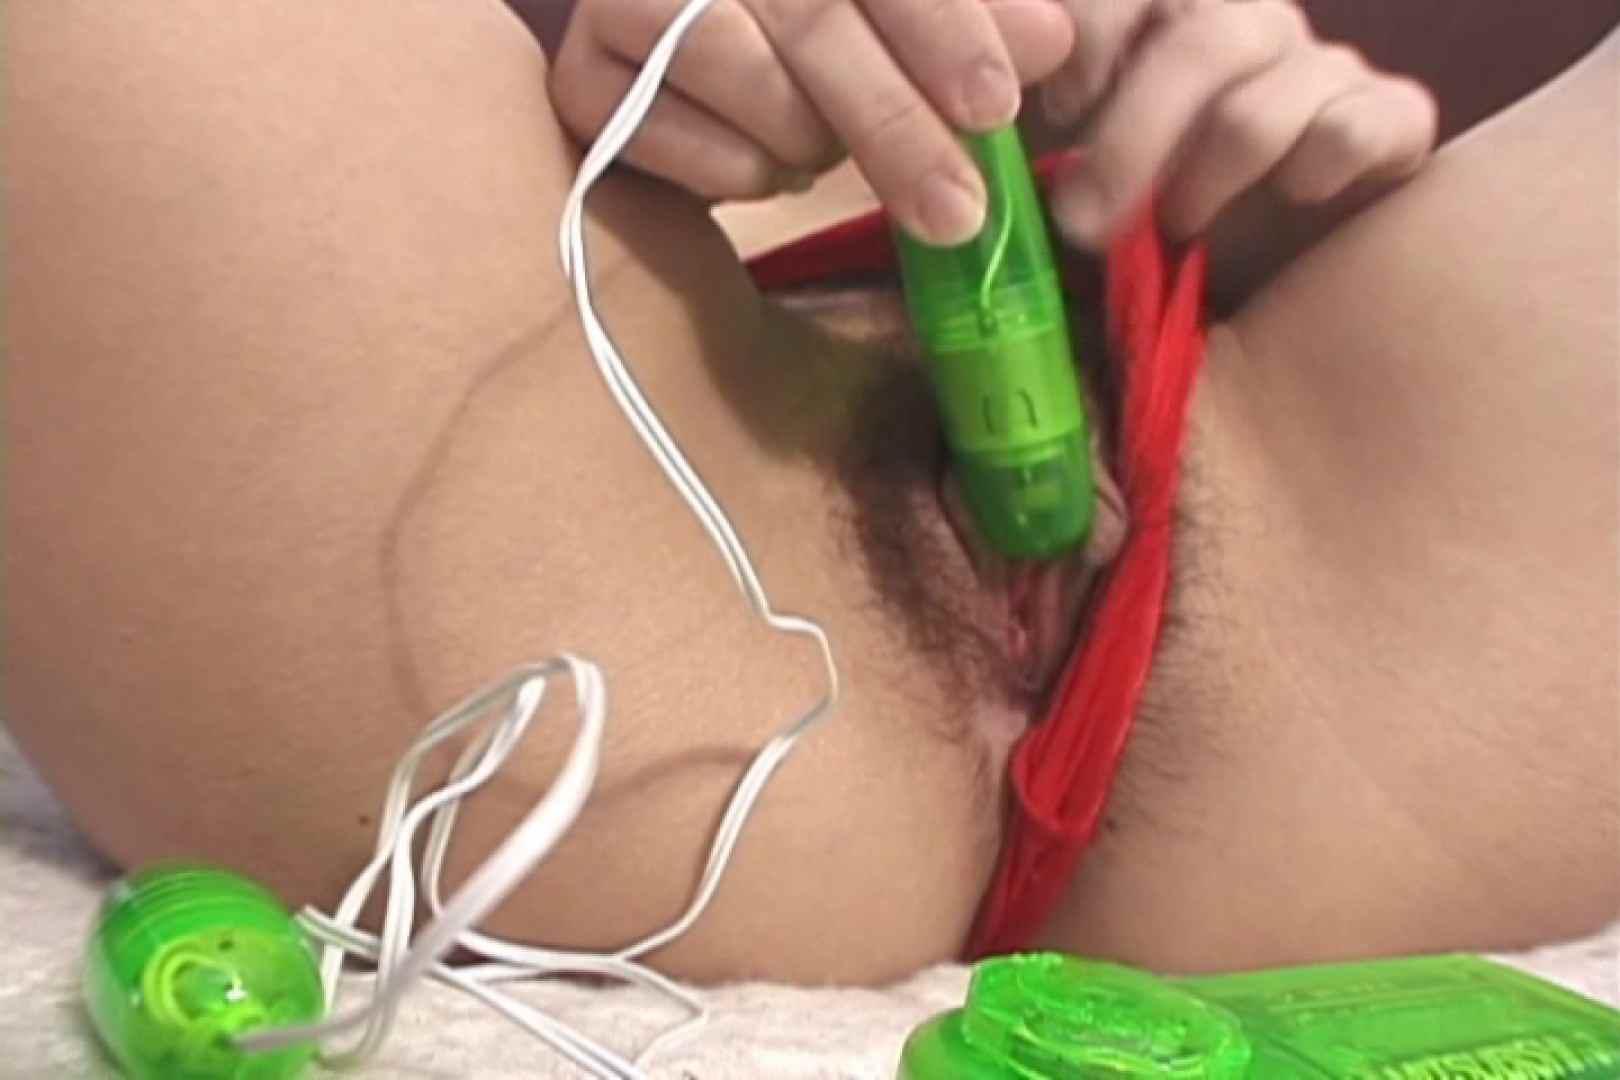 まだまだ若い三十路の人妻、綺麗な体を見て!~村田なお~ 電マ AV無料動画キャプチャ 82pic 55